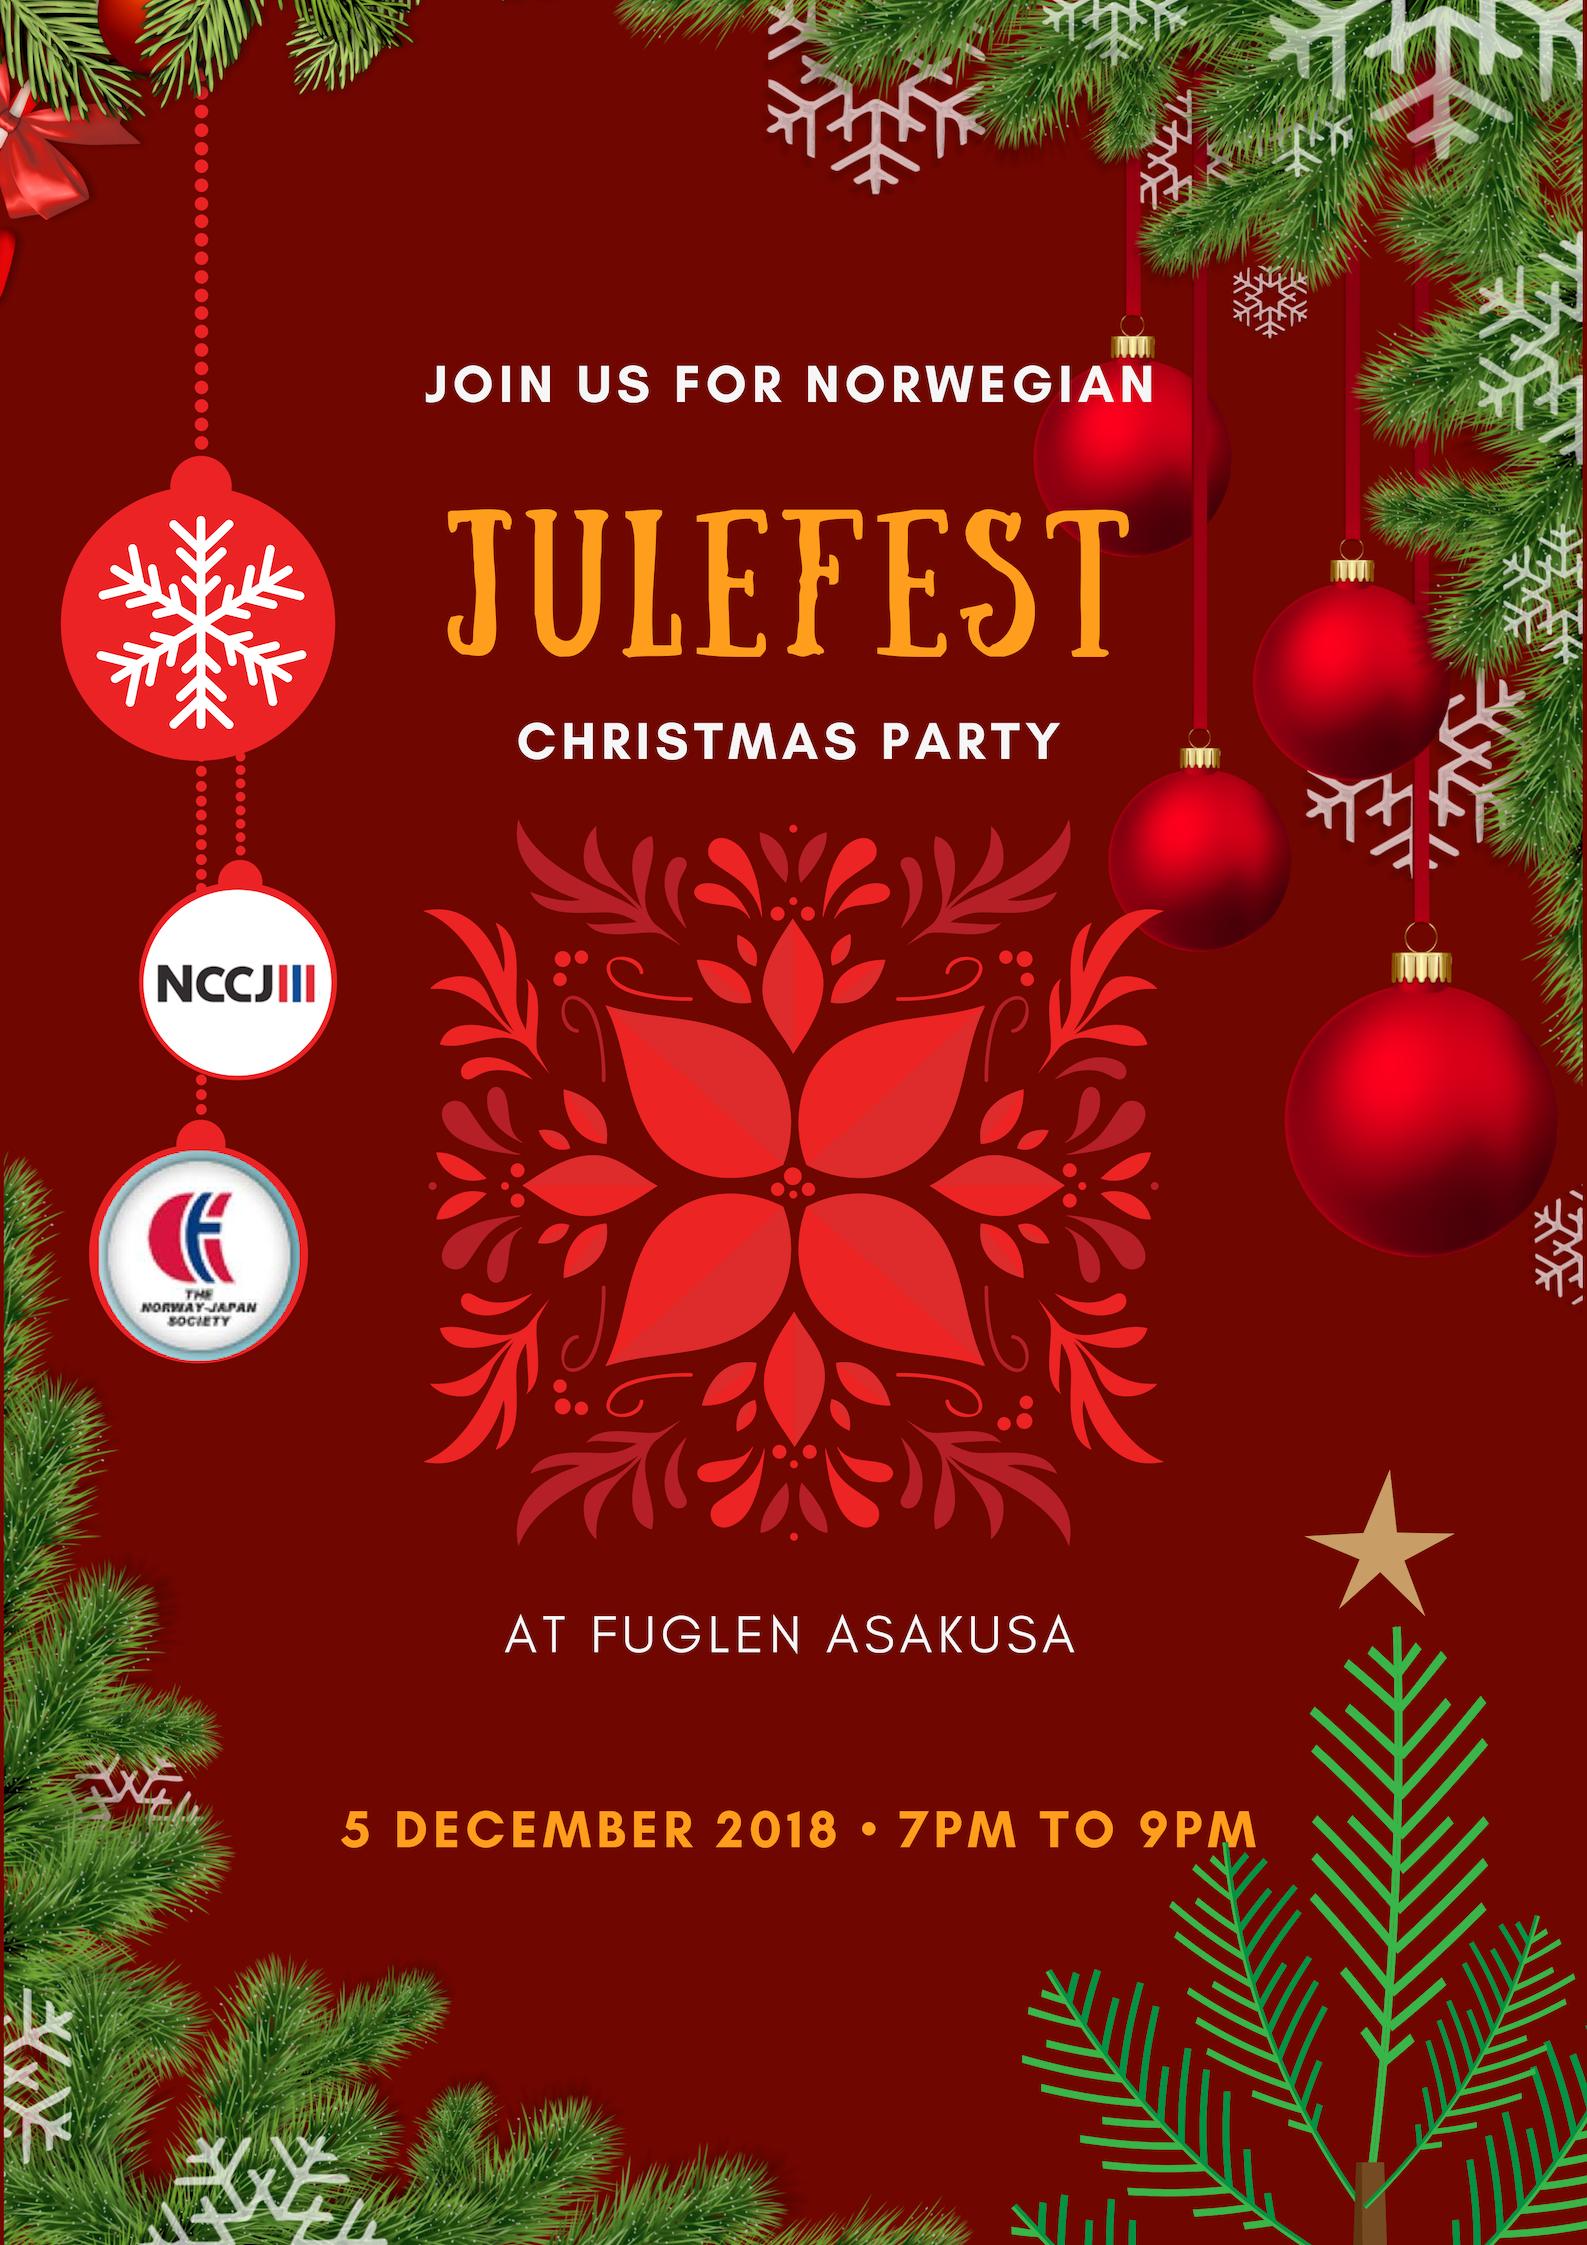 julefest.png